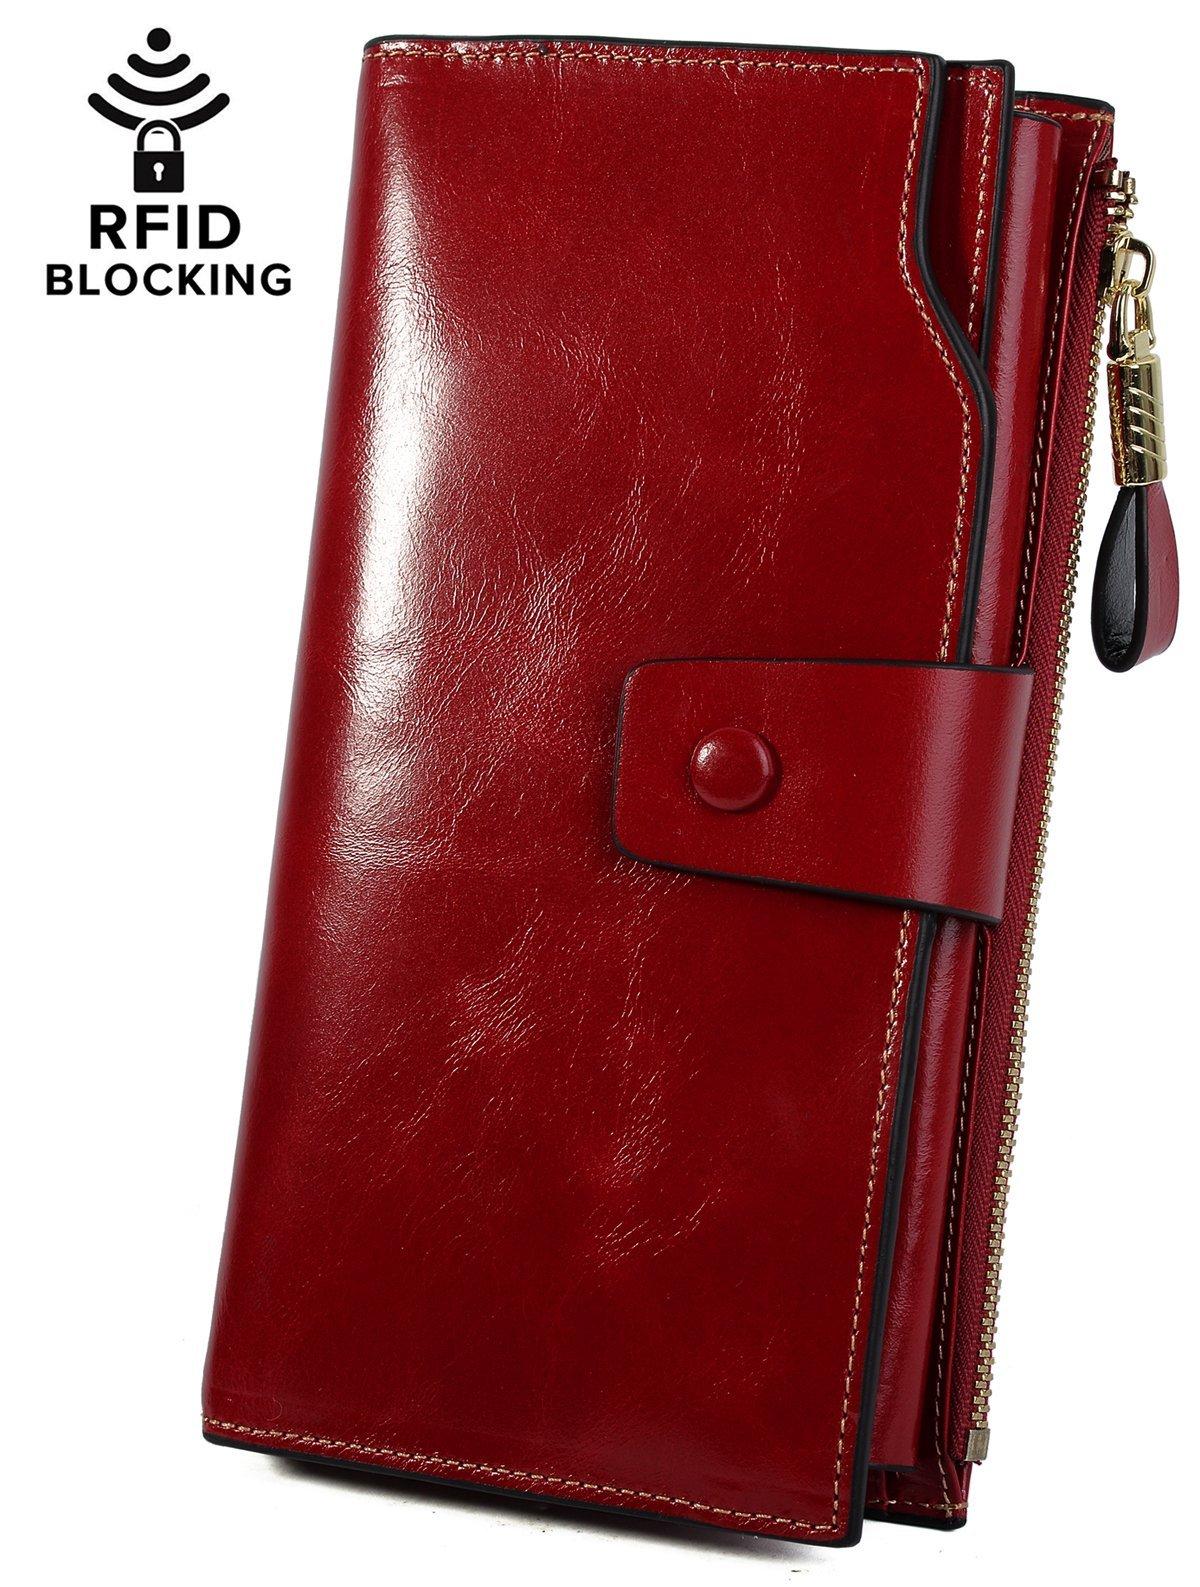 YALUXE Women's Wax Genuine Leather RFID Blocking Clutch Wallet Wallets for Women Red by YALUXE (Image #2)